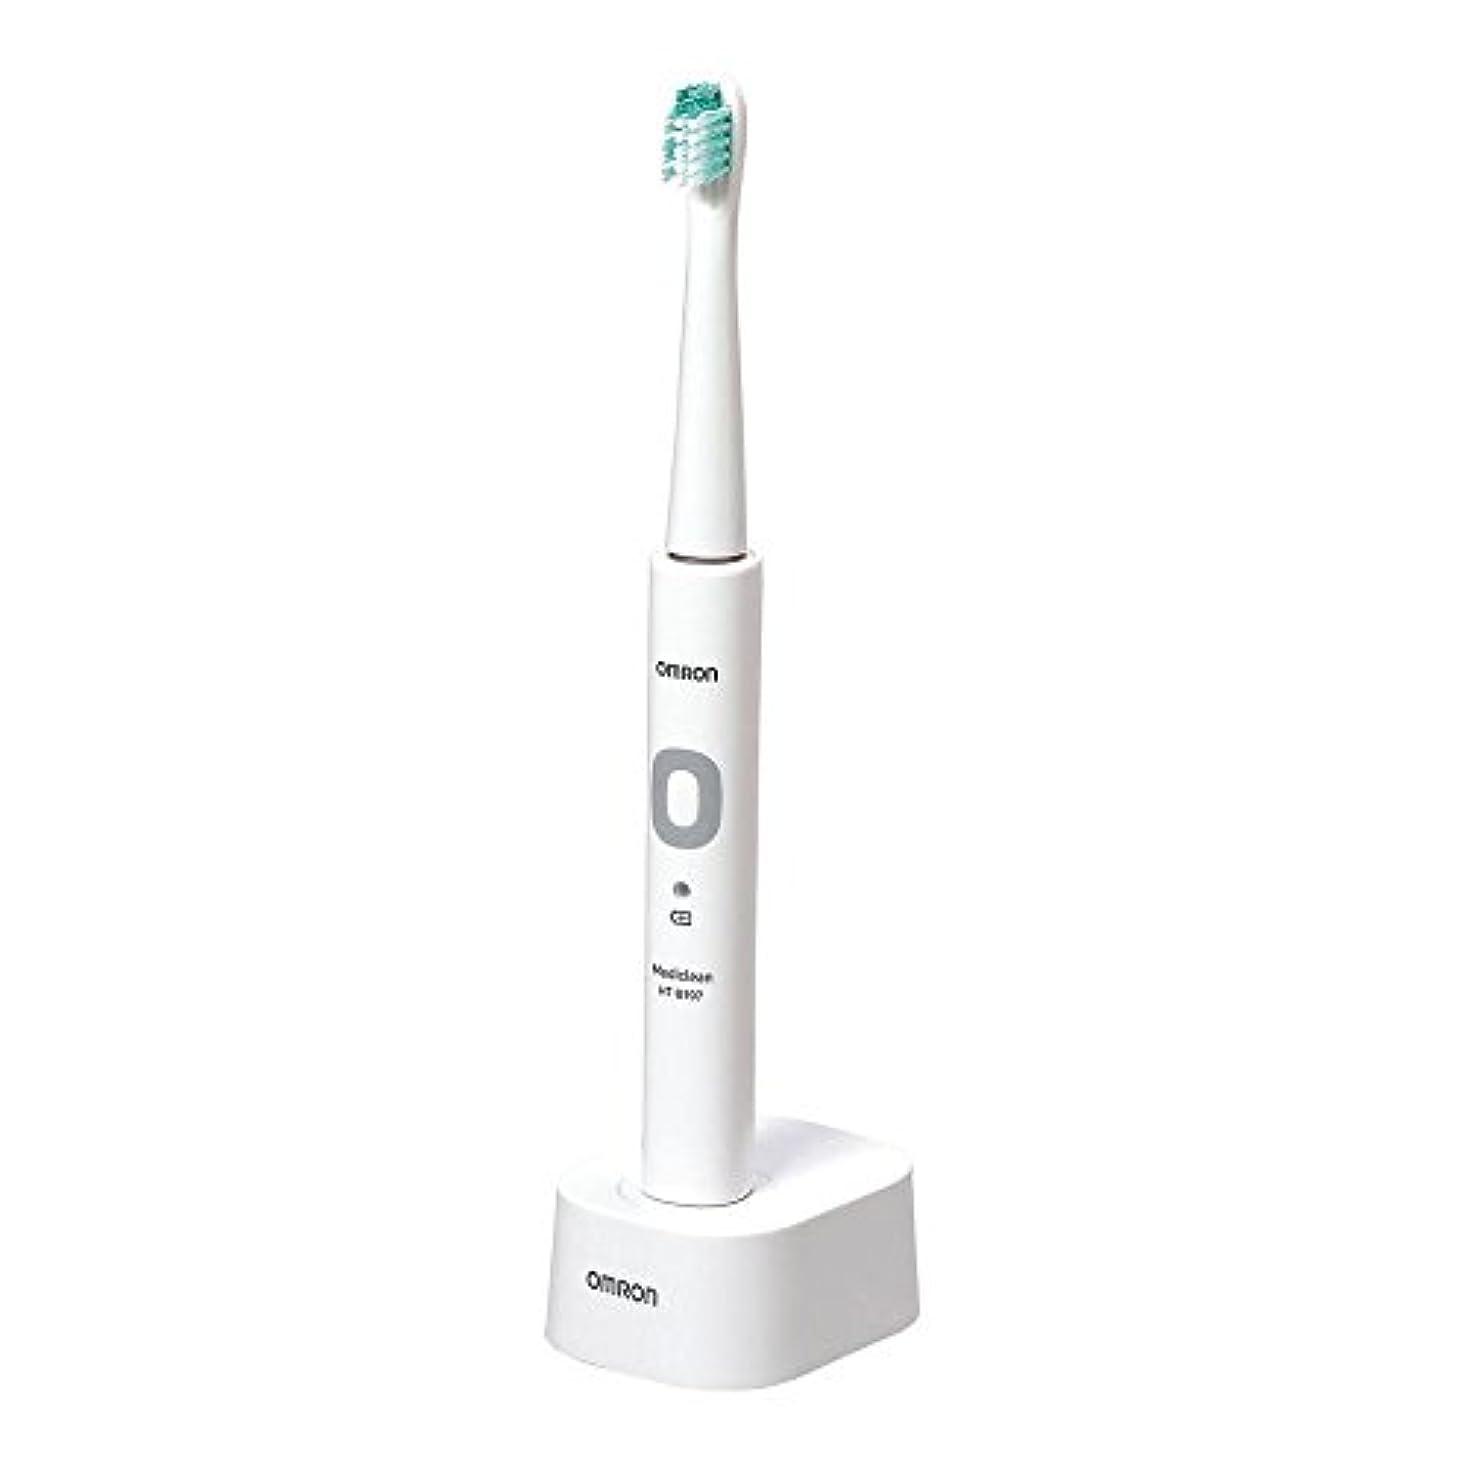 証明描写脊椎オムロン 電動歯ブラシ 音波式 メディクリーン